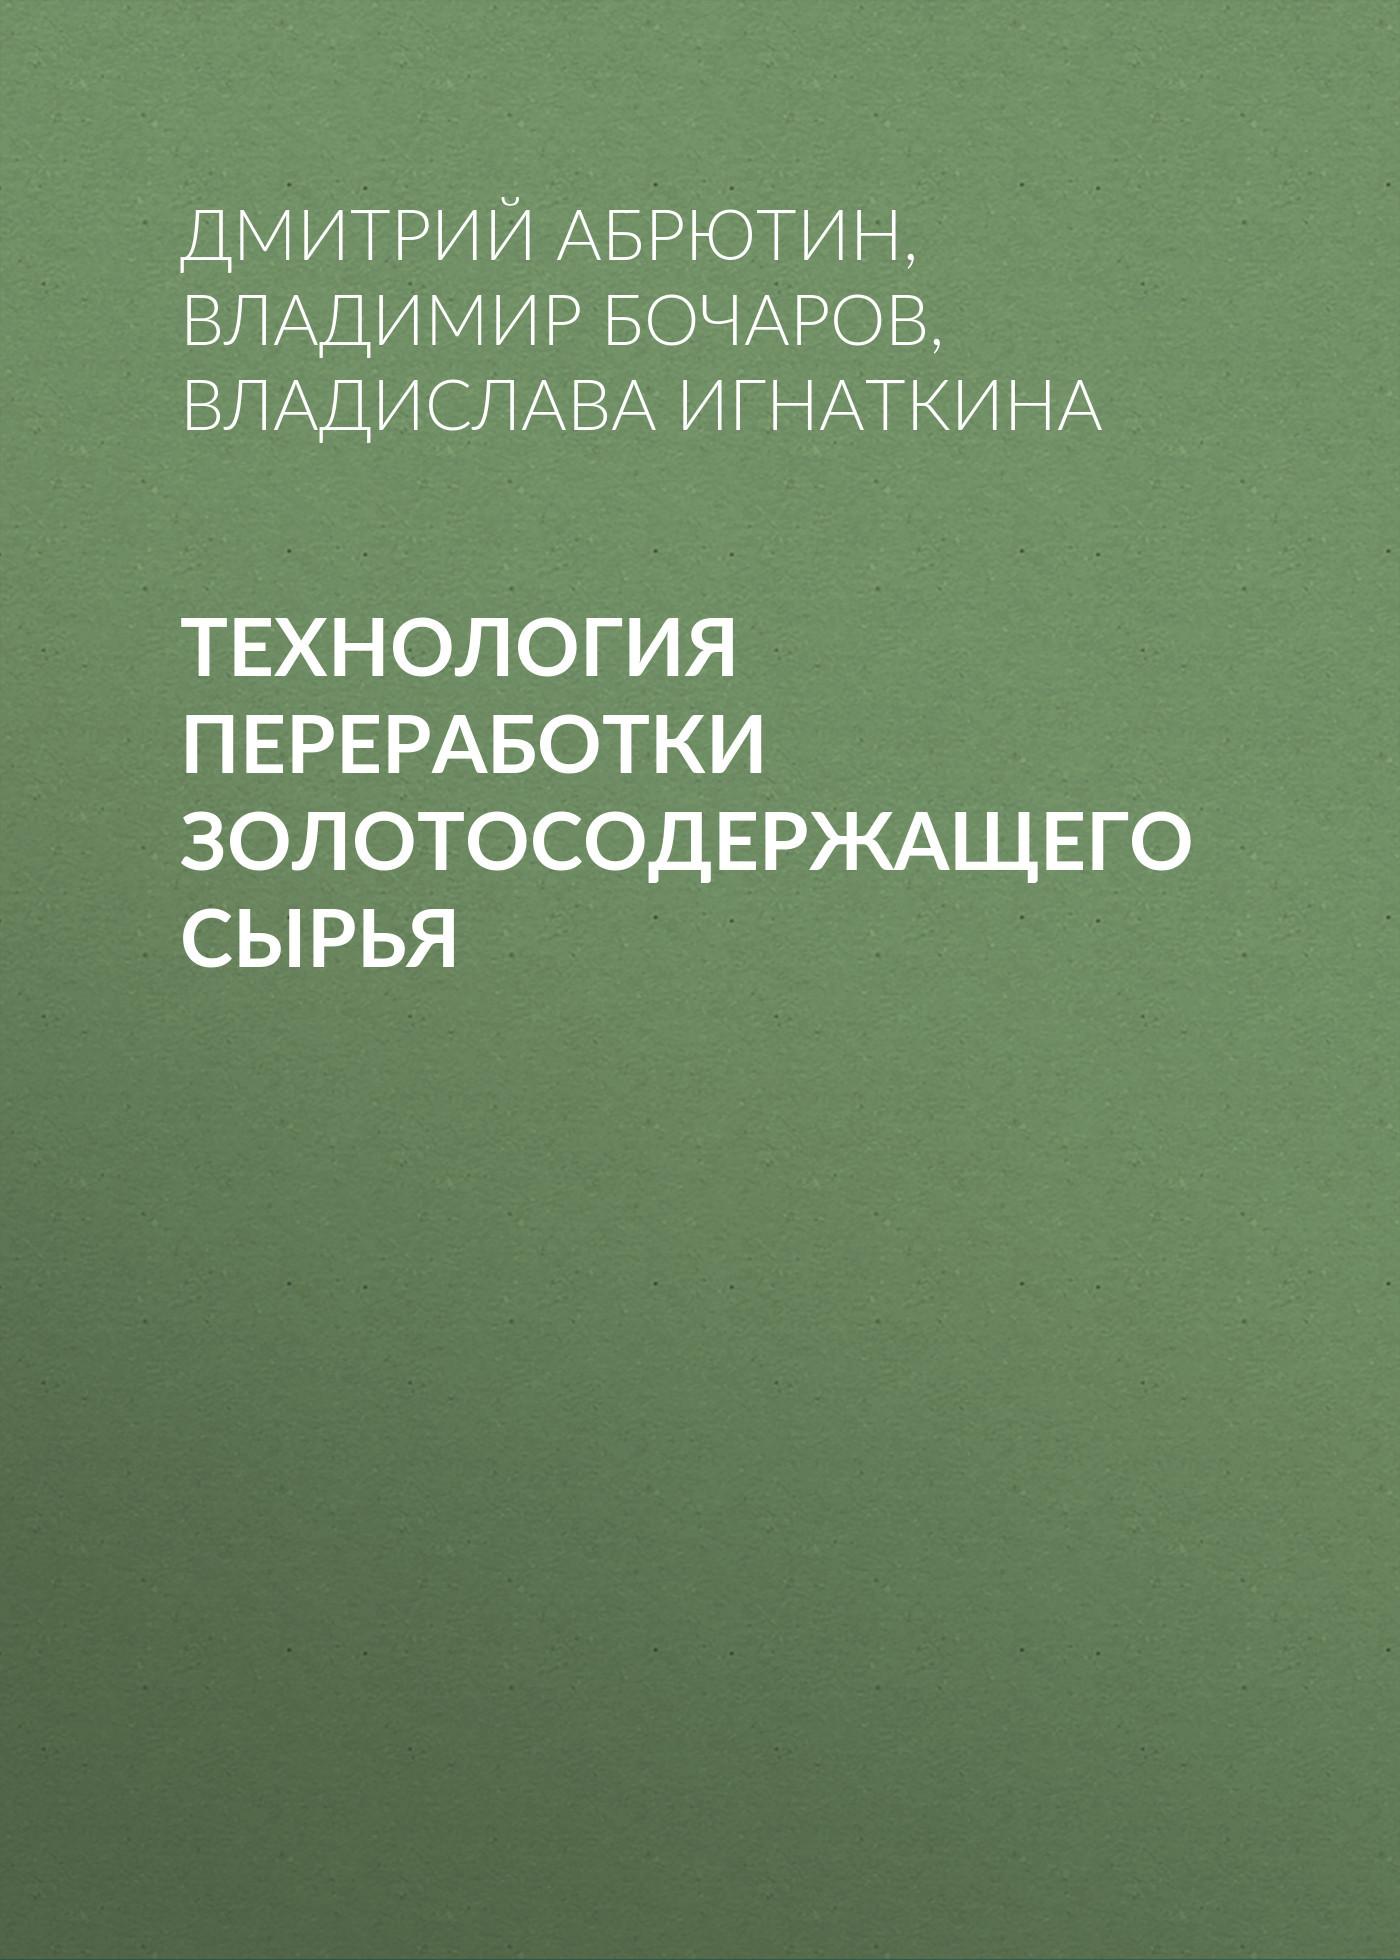 Владимир Бочаров Технология переработки золотосодержащего сырья